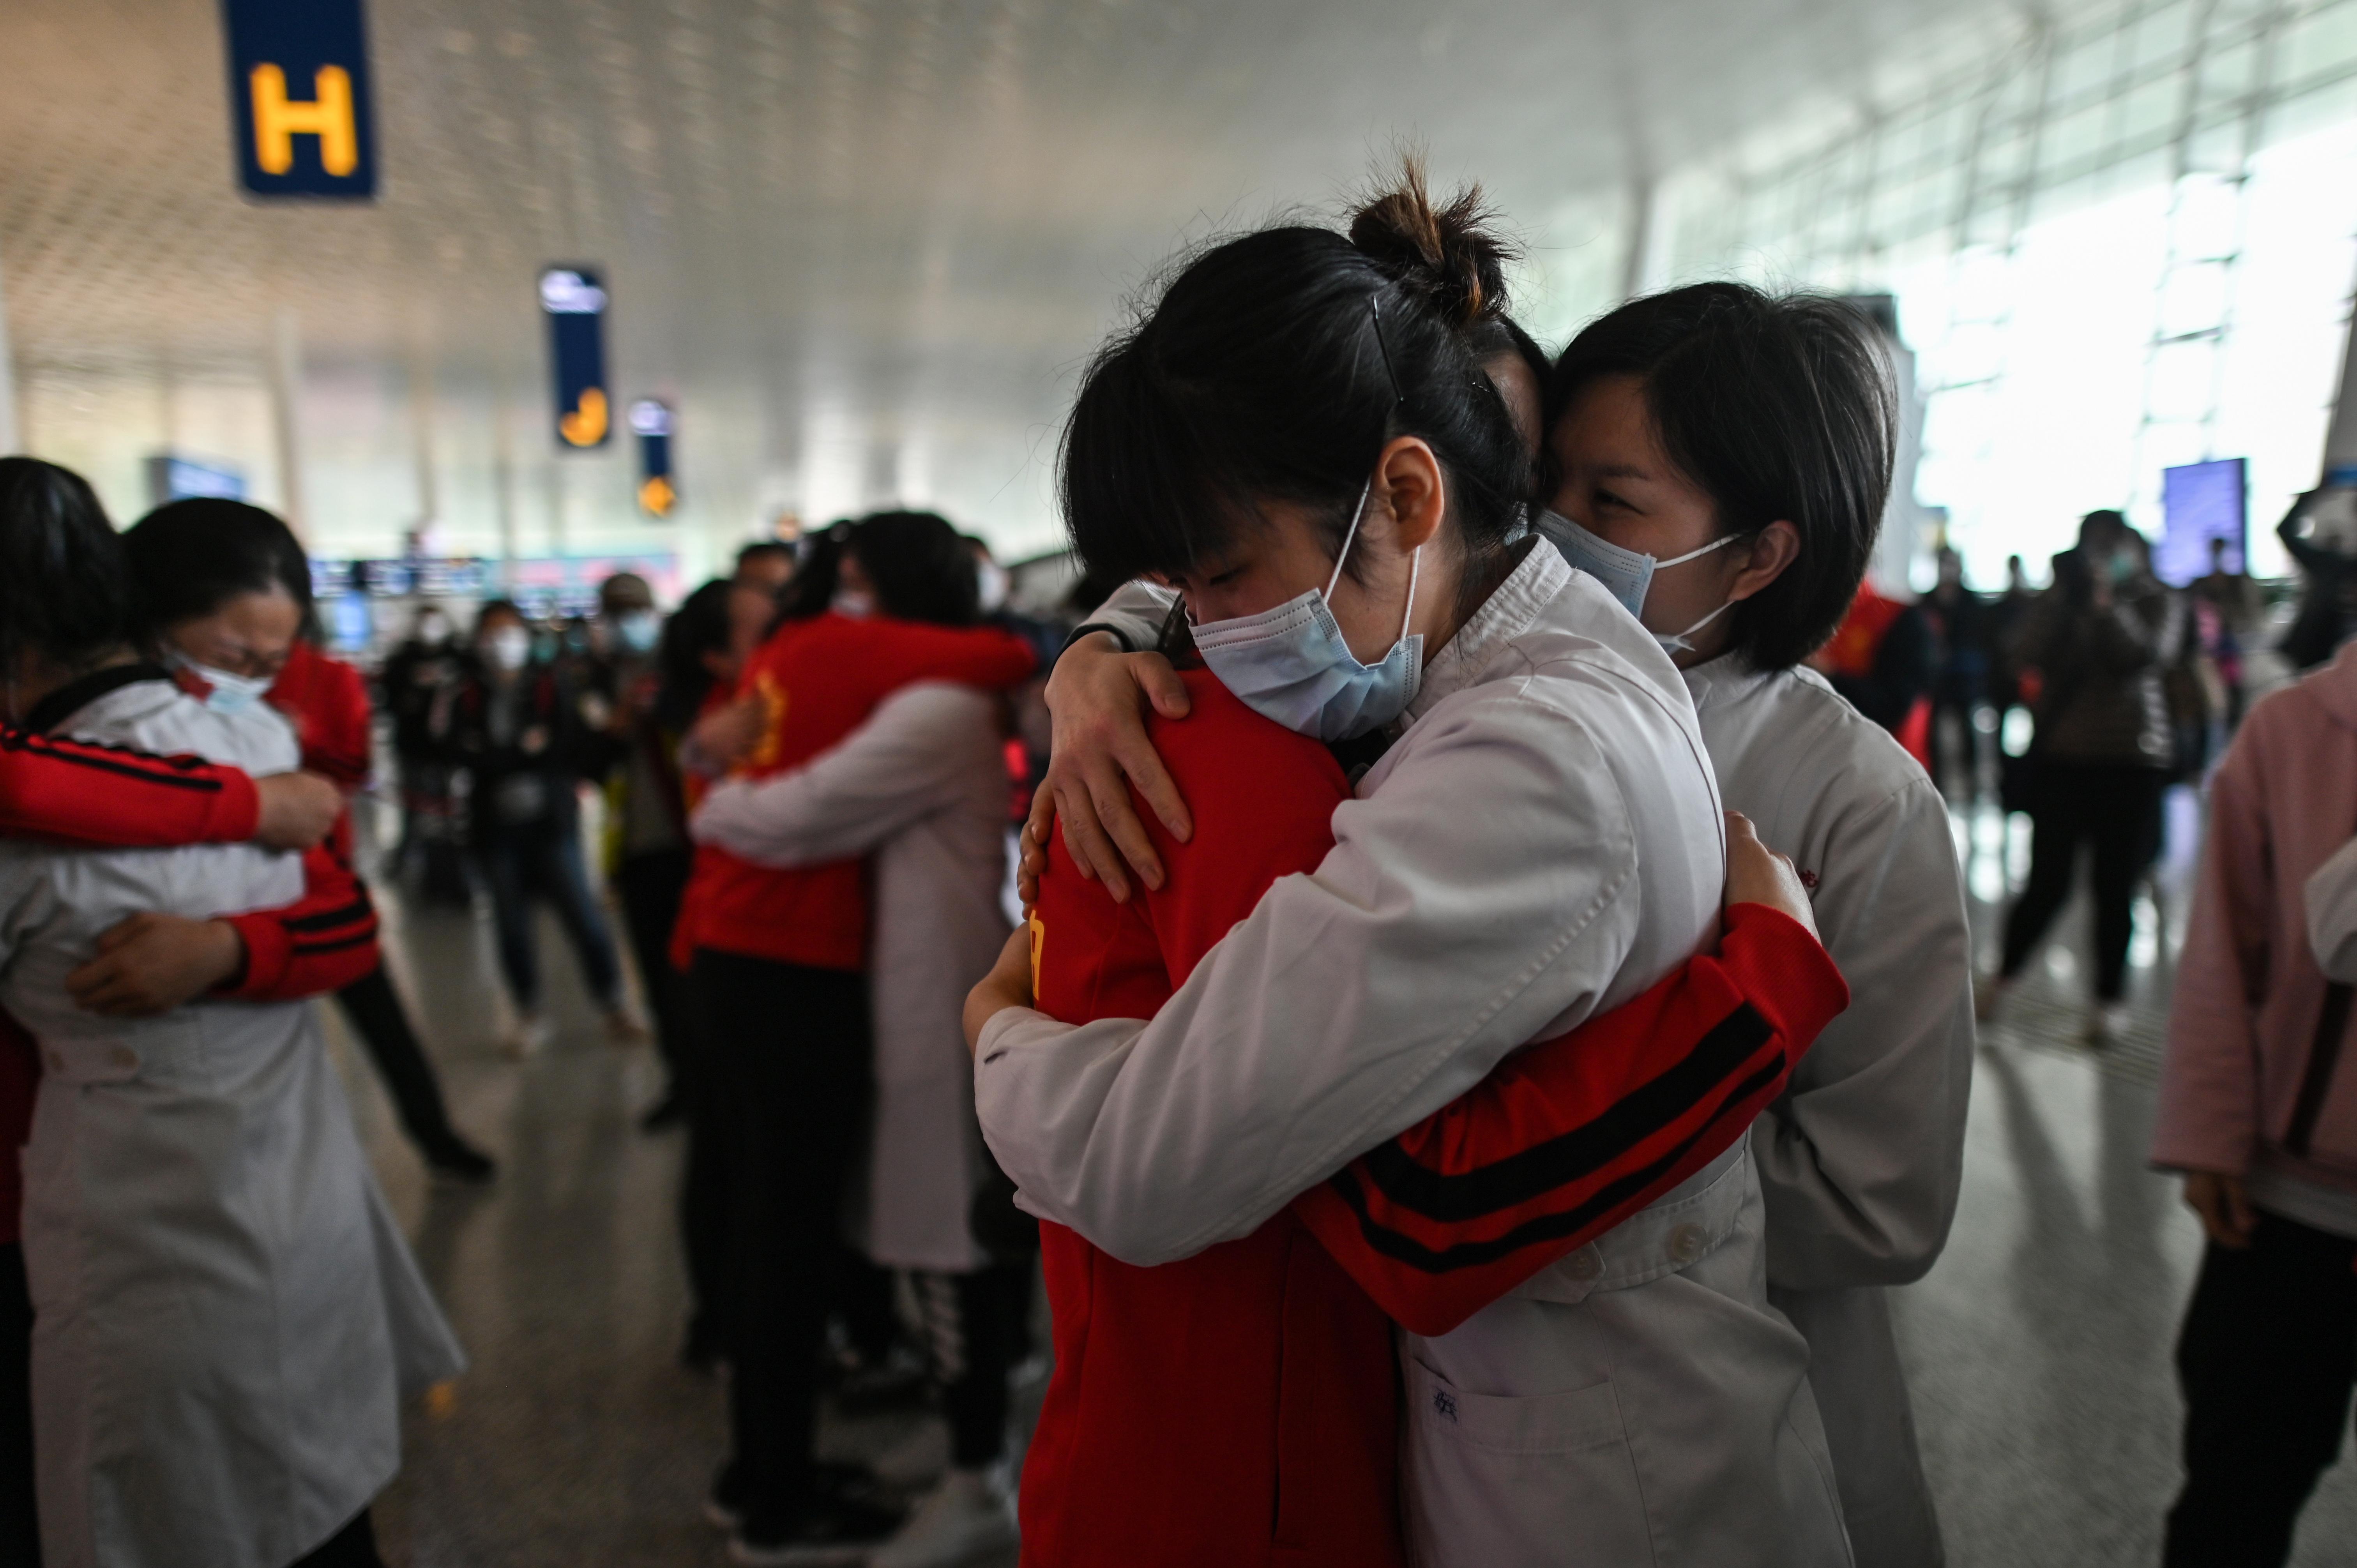 محطات القطارات عجت بالمسافرين الذين استطاعوا المغادرة بعد 76 يوما من العزل